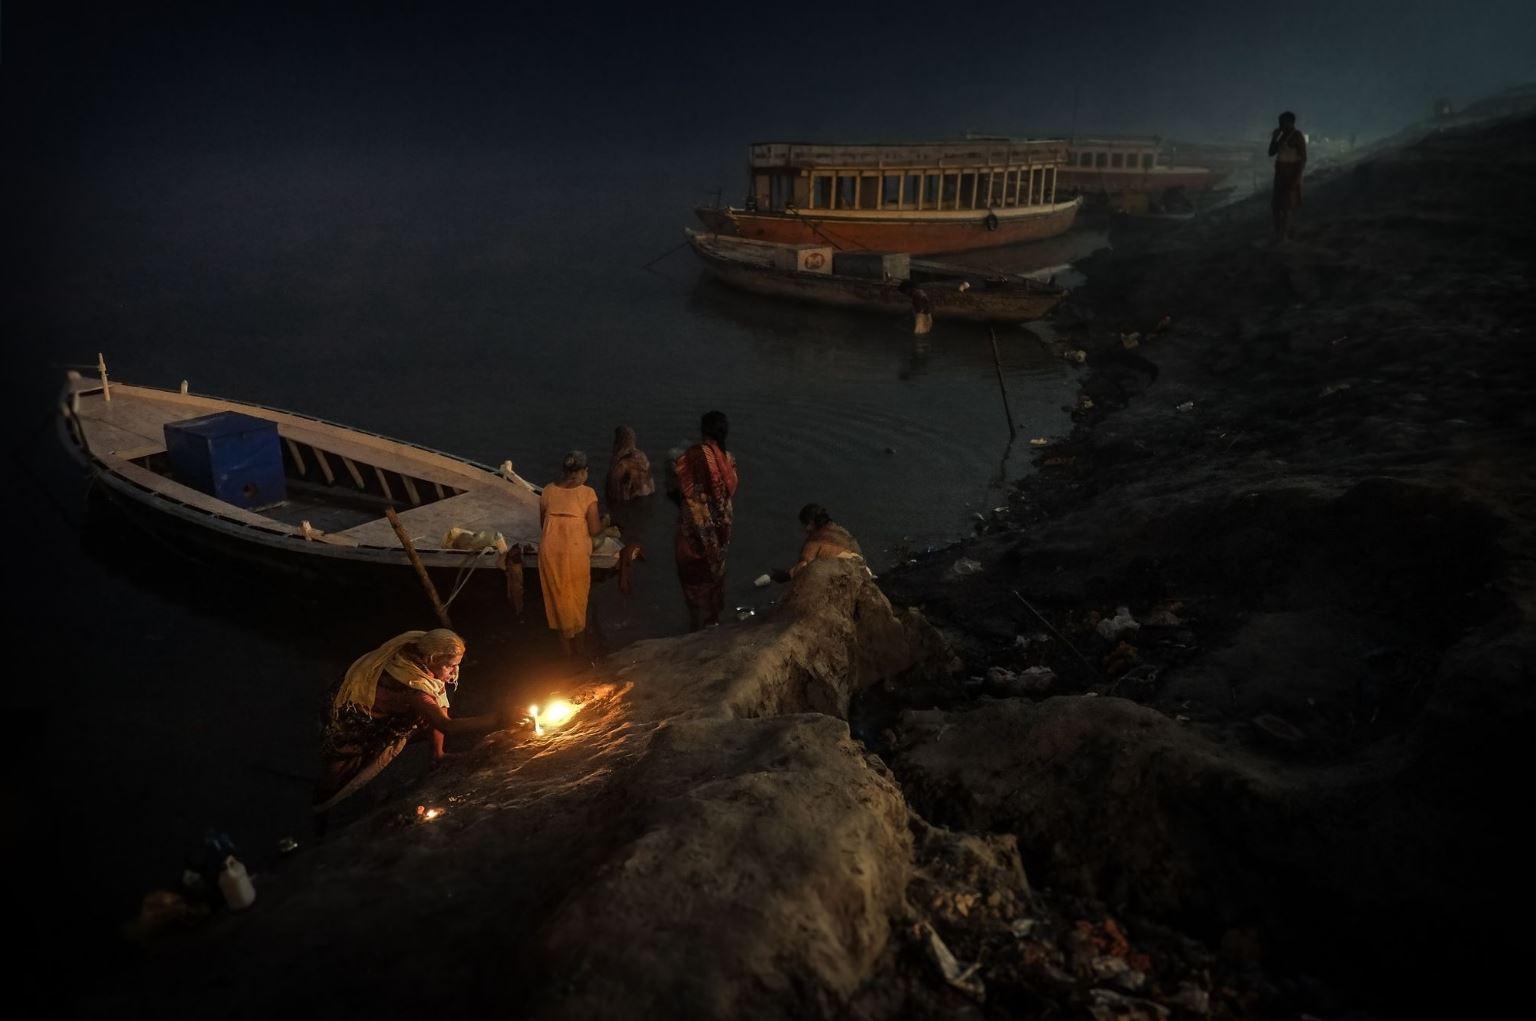 Plano general, color. Hindus preparando los rezos a la orilla del Ganges.